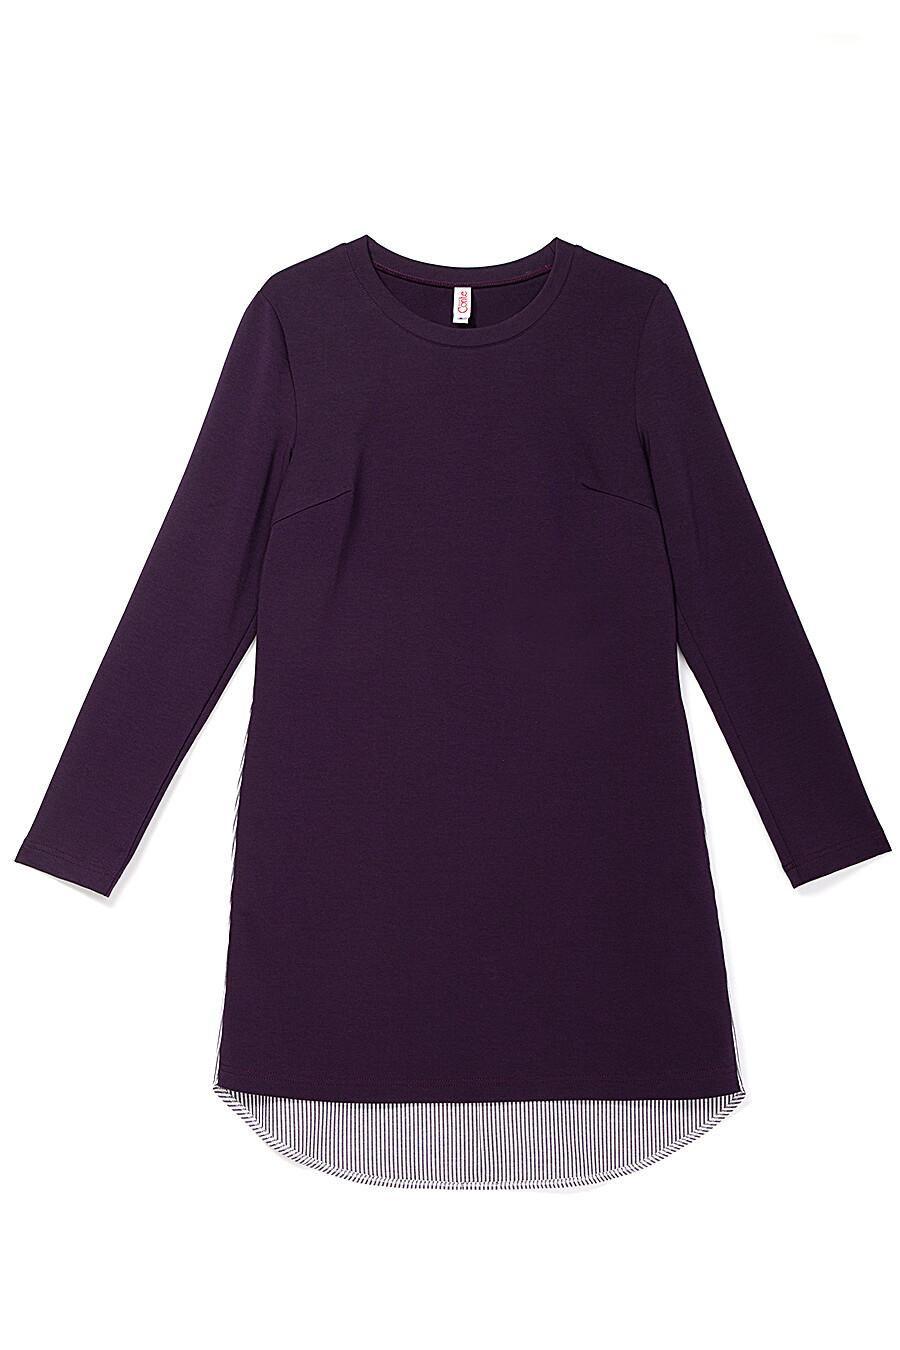 Туника для женщин CONTE ELEGANT 165593 купить оптом от производителя. Совместная покупка женской одежды в OptMoyo